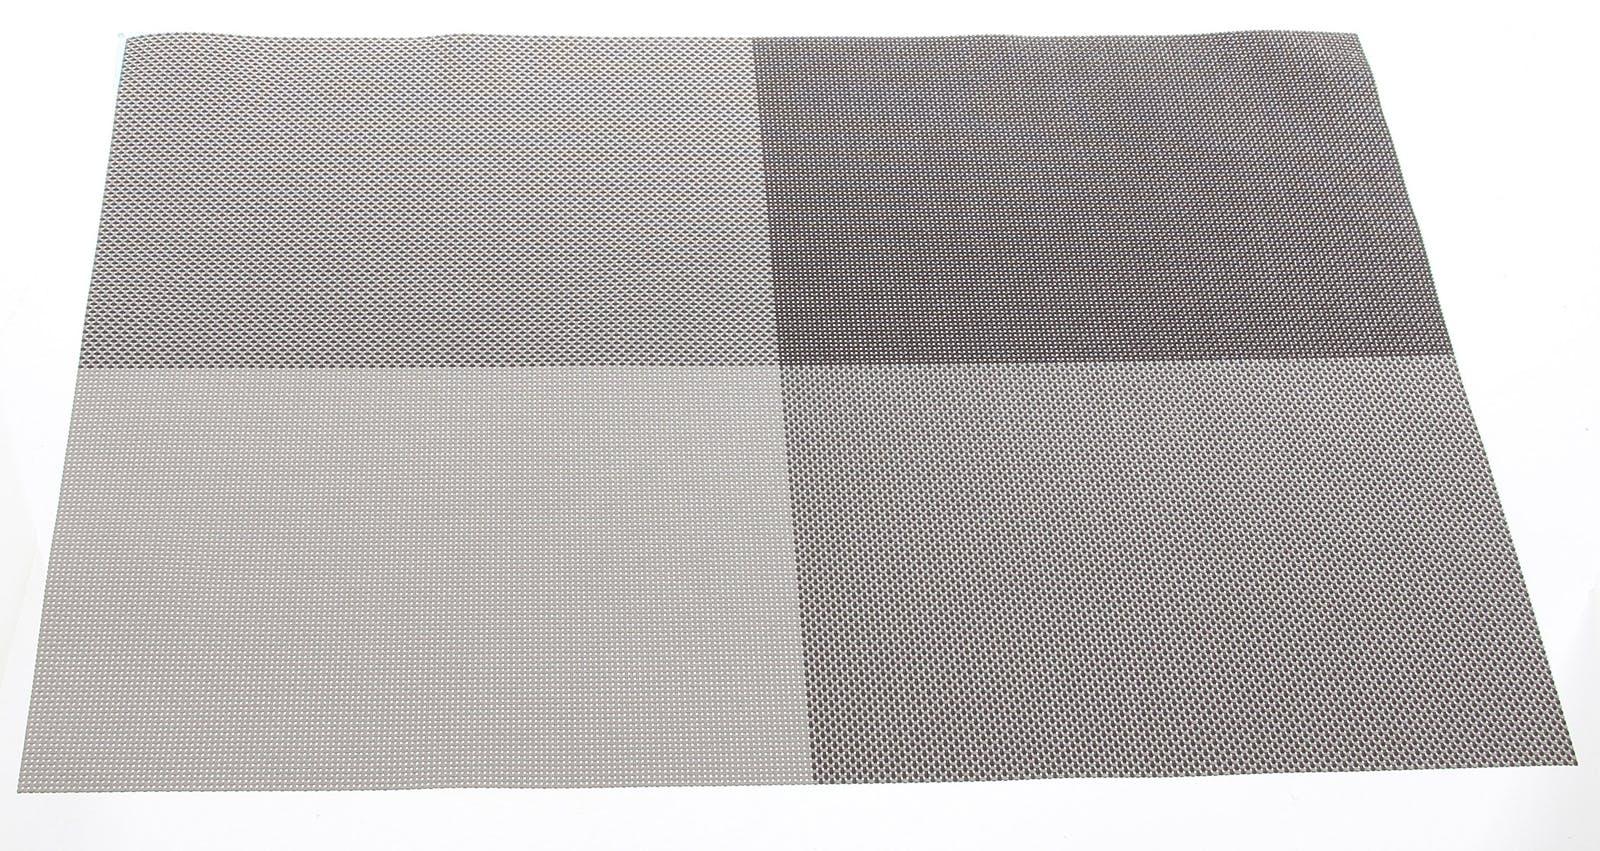 Set de table texaline rectangle 50 x 35 cm à carreaux Taupe et Gris